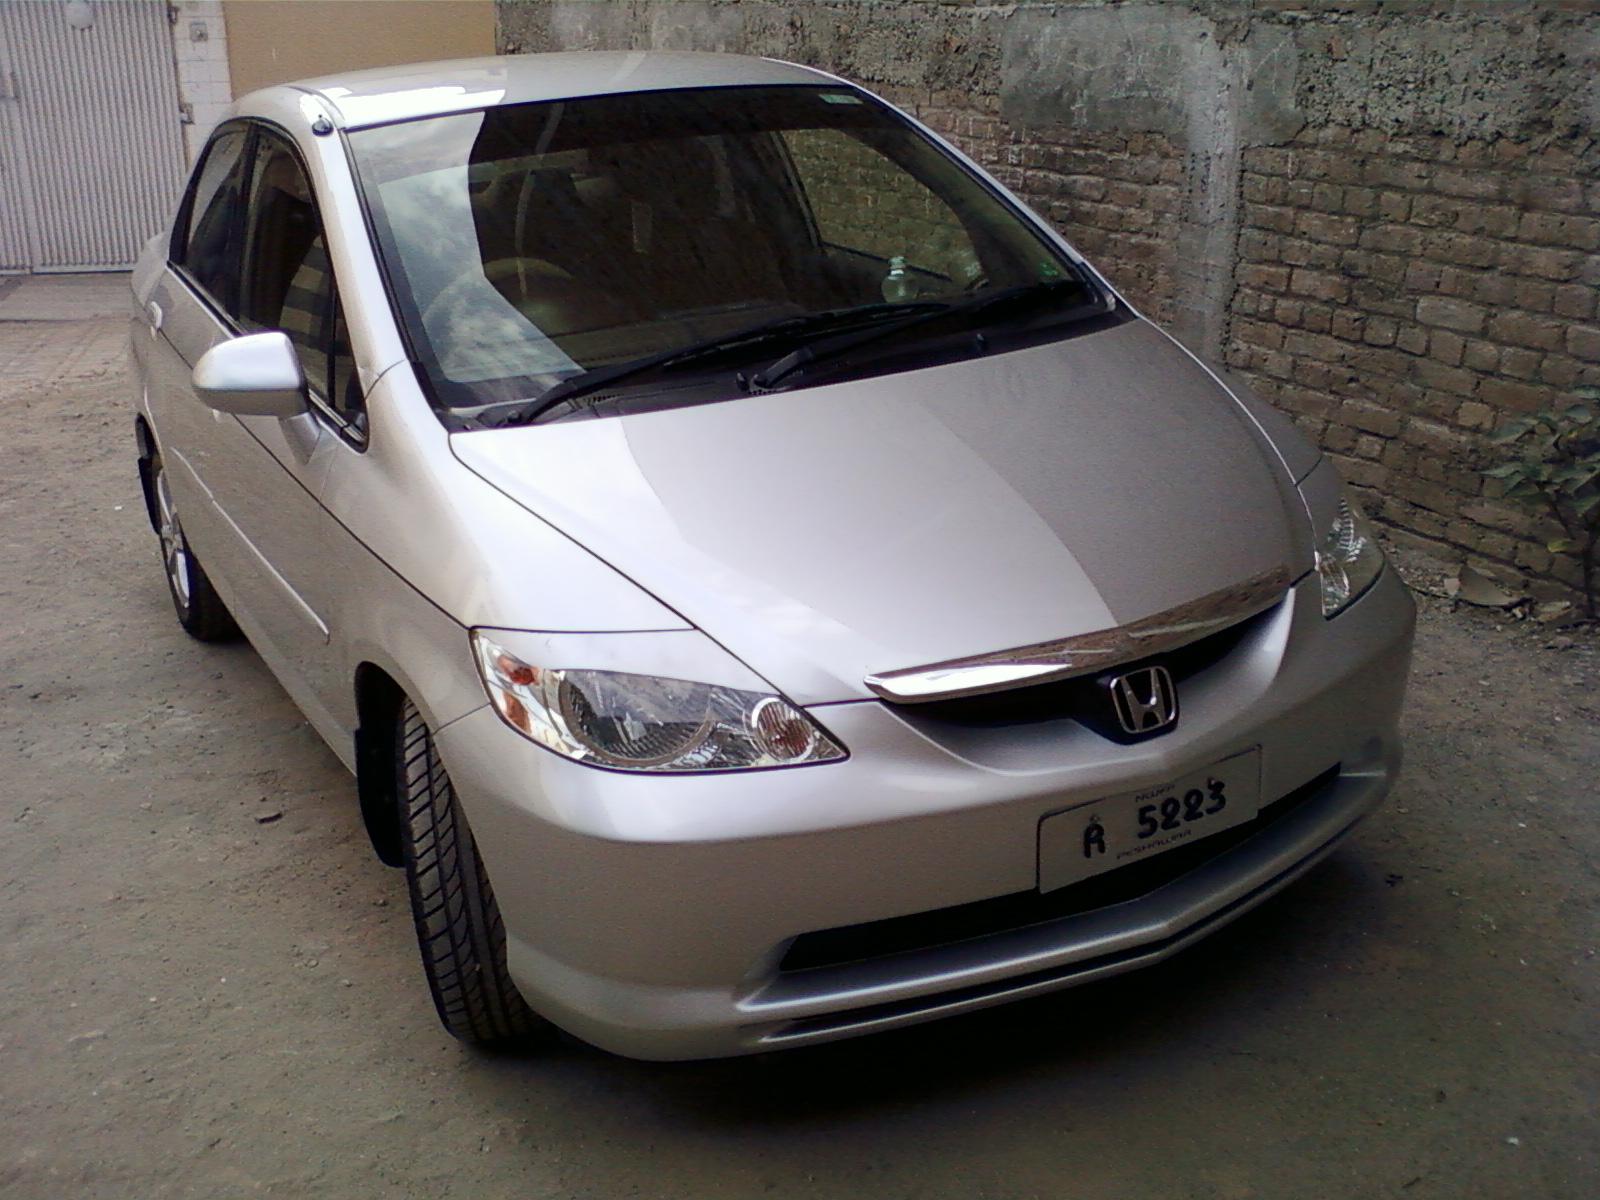 Honda City 2005 of Nido2 - Member Ride 14507 | PakWheels